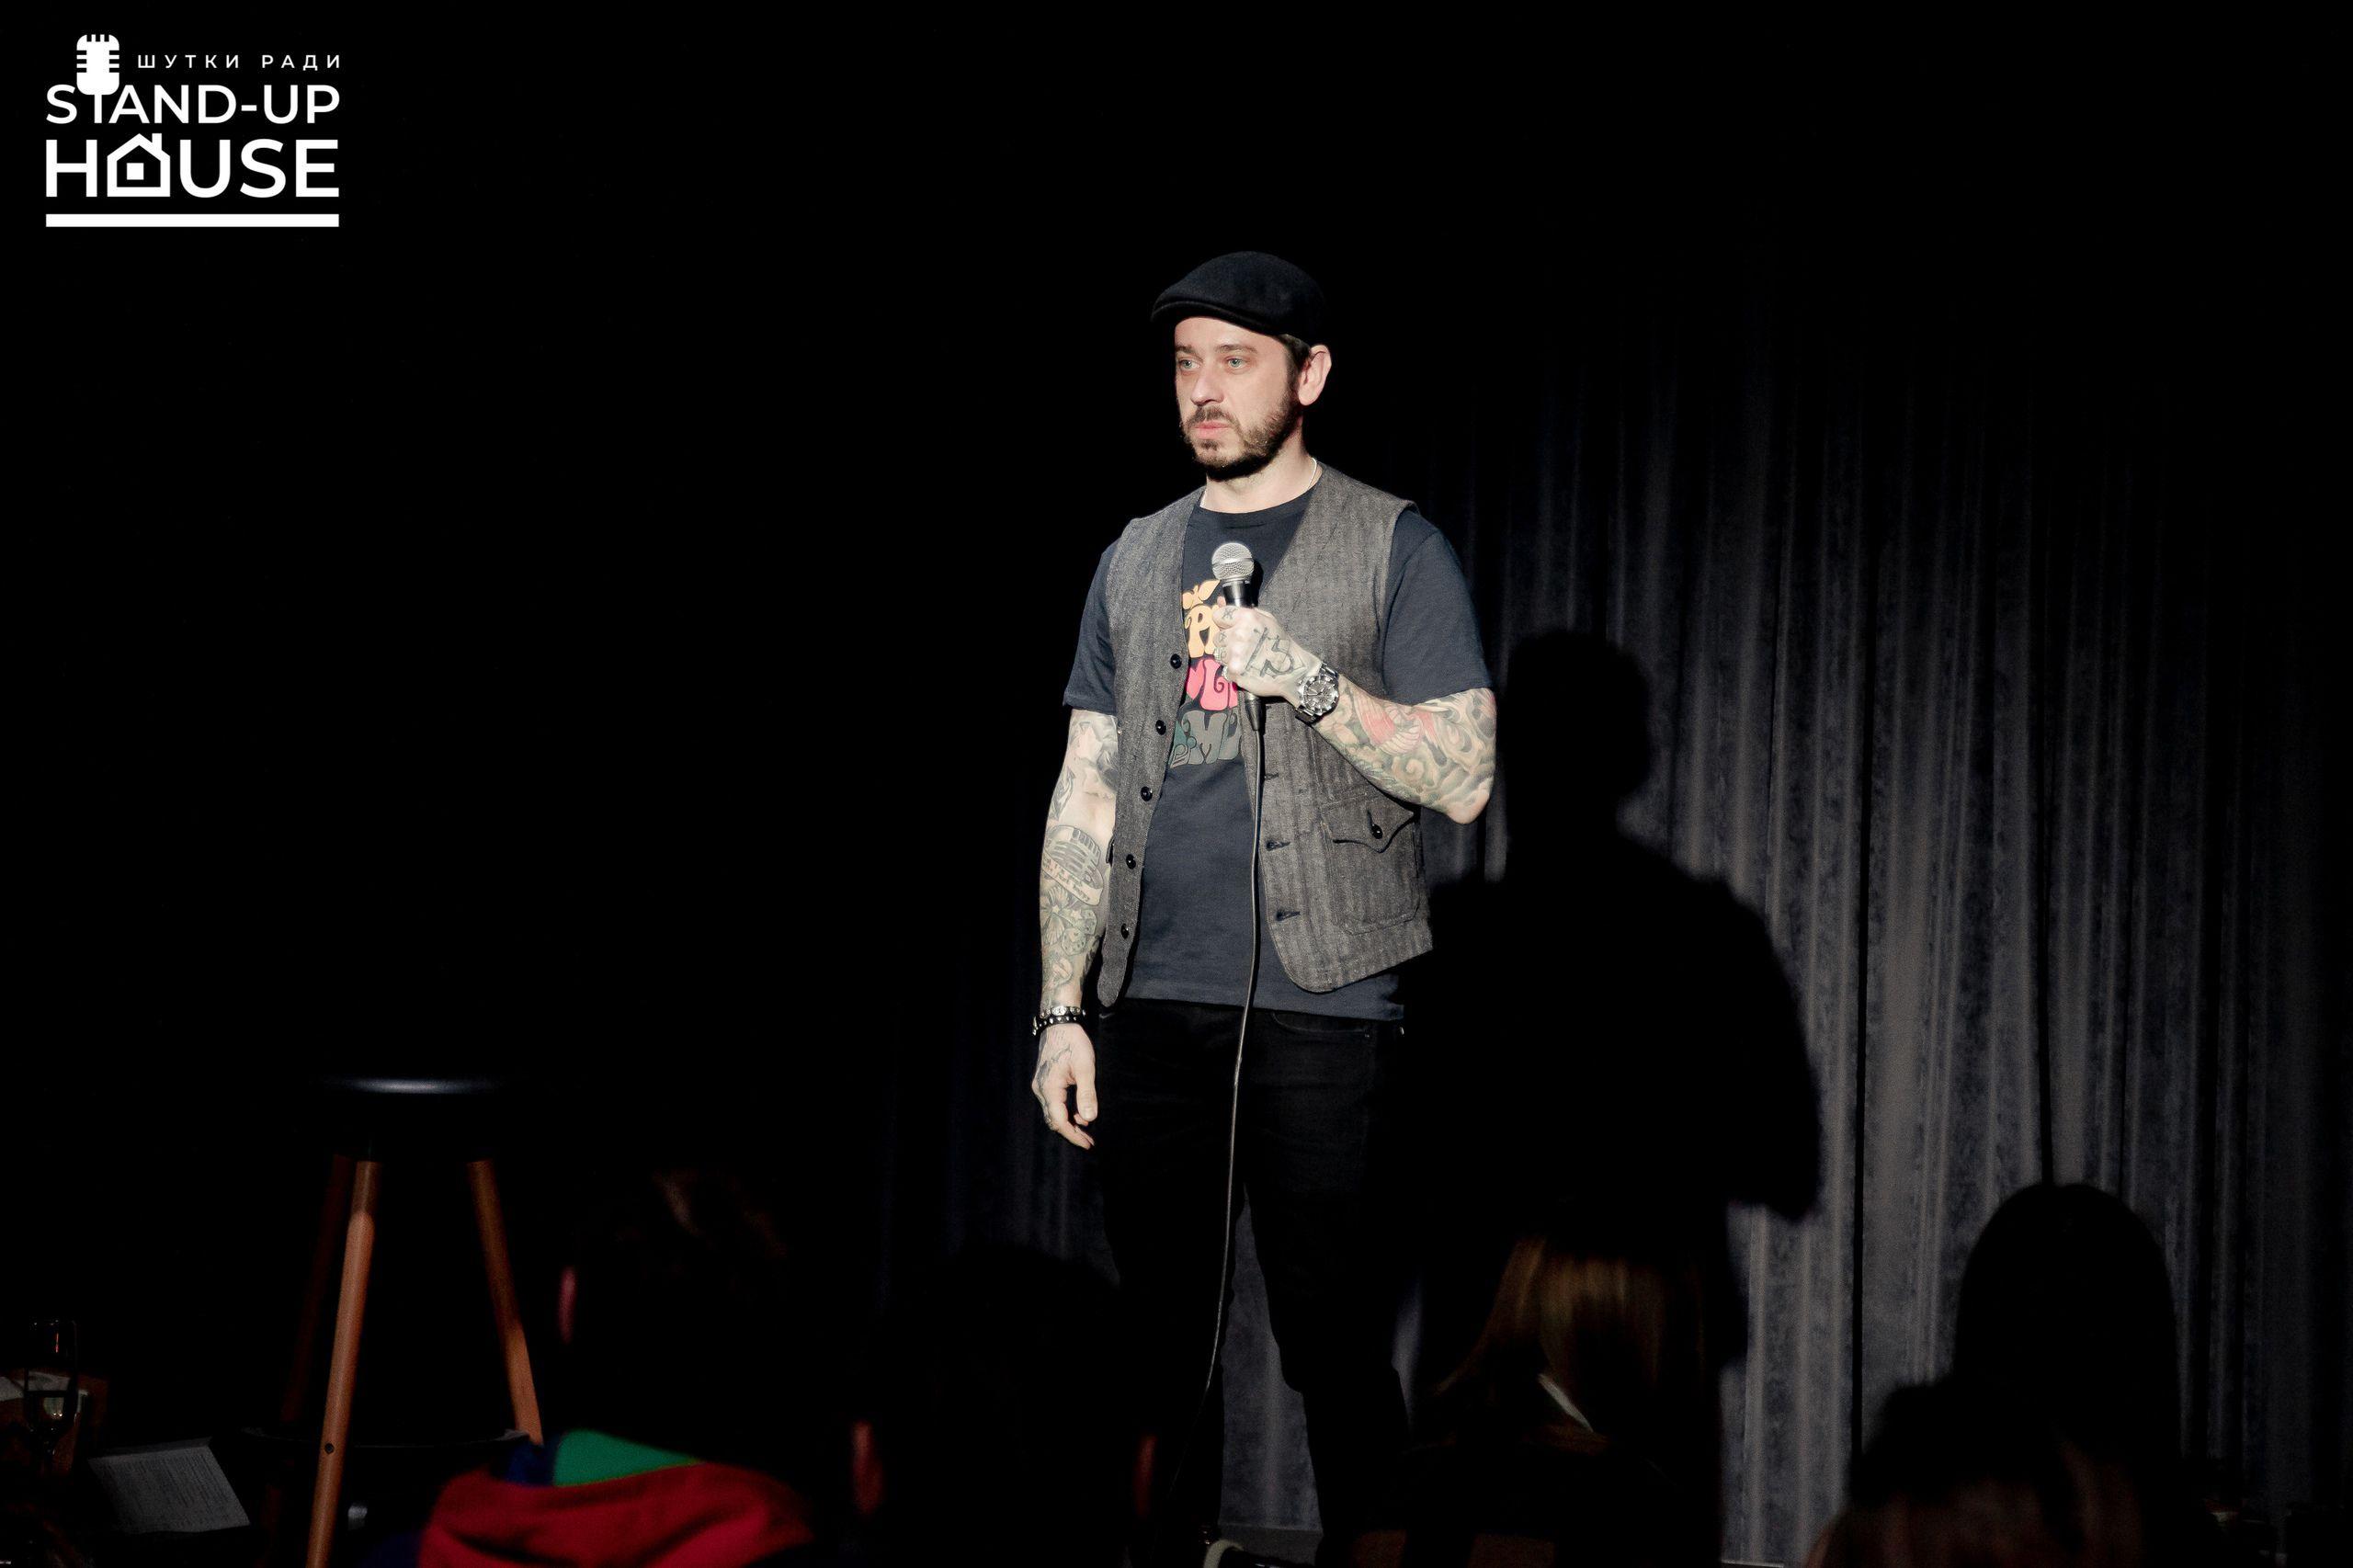 StandUp-вечера и авторские форматы шоу от ТВ- и YouTube-комиков в Stand-Up House фото 2